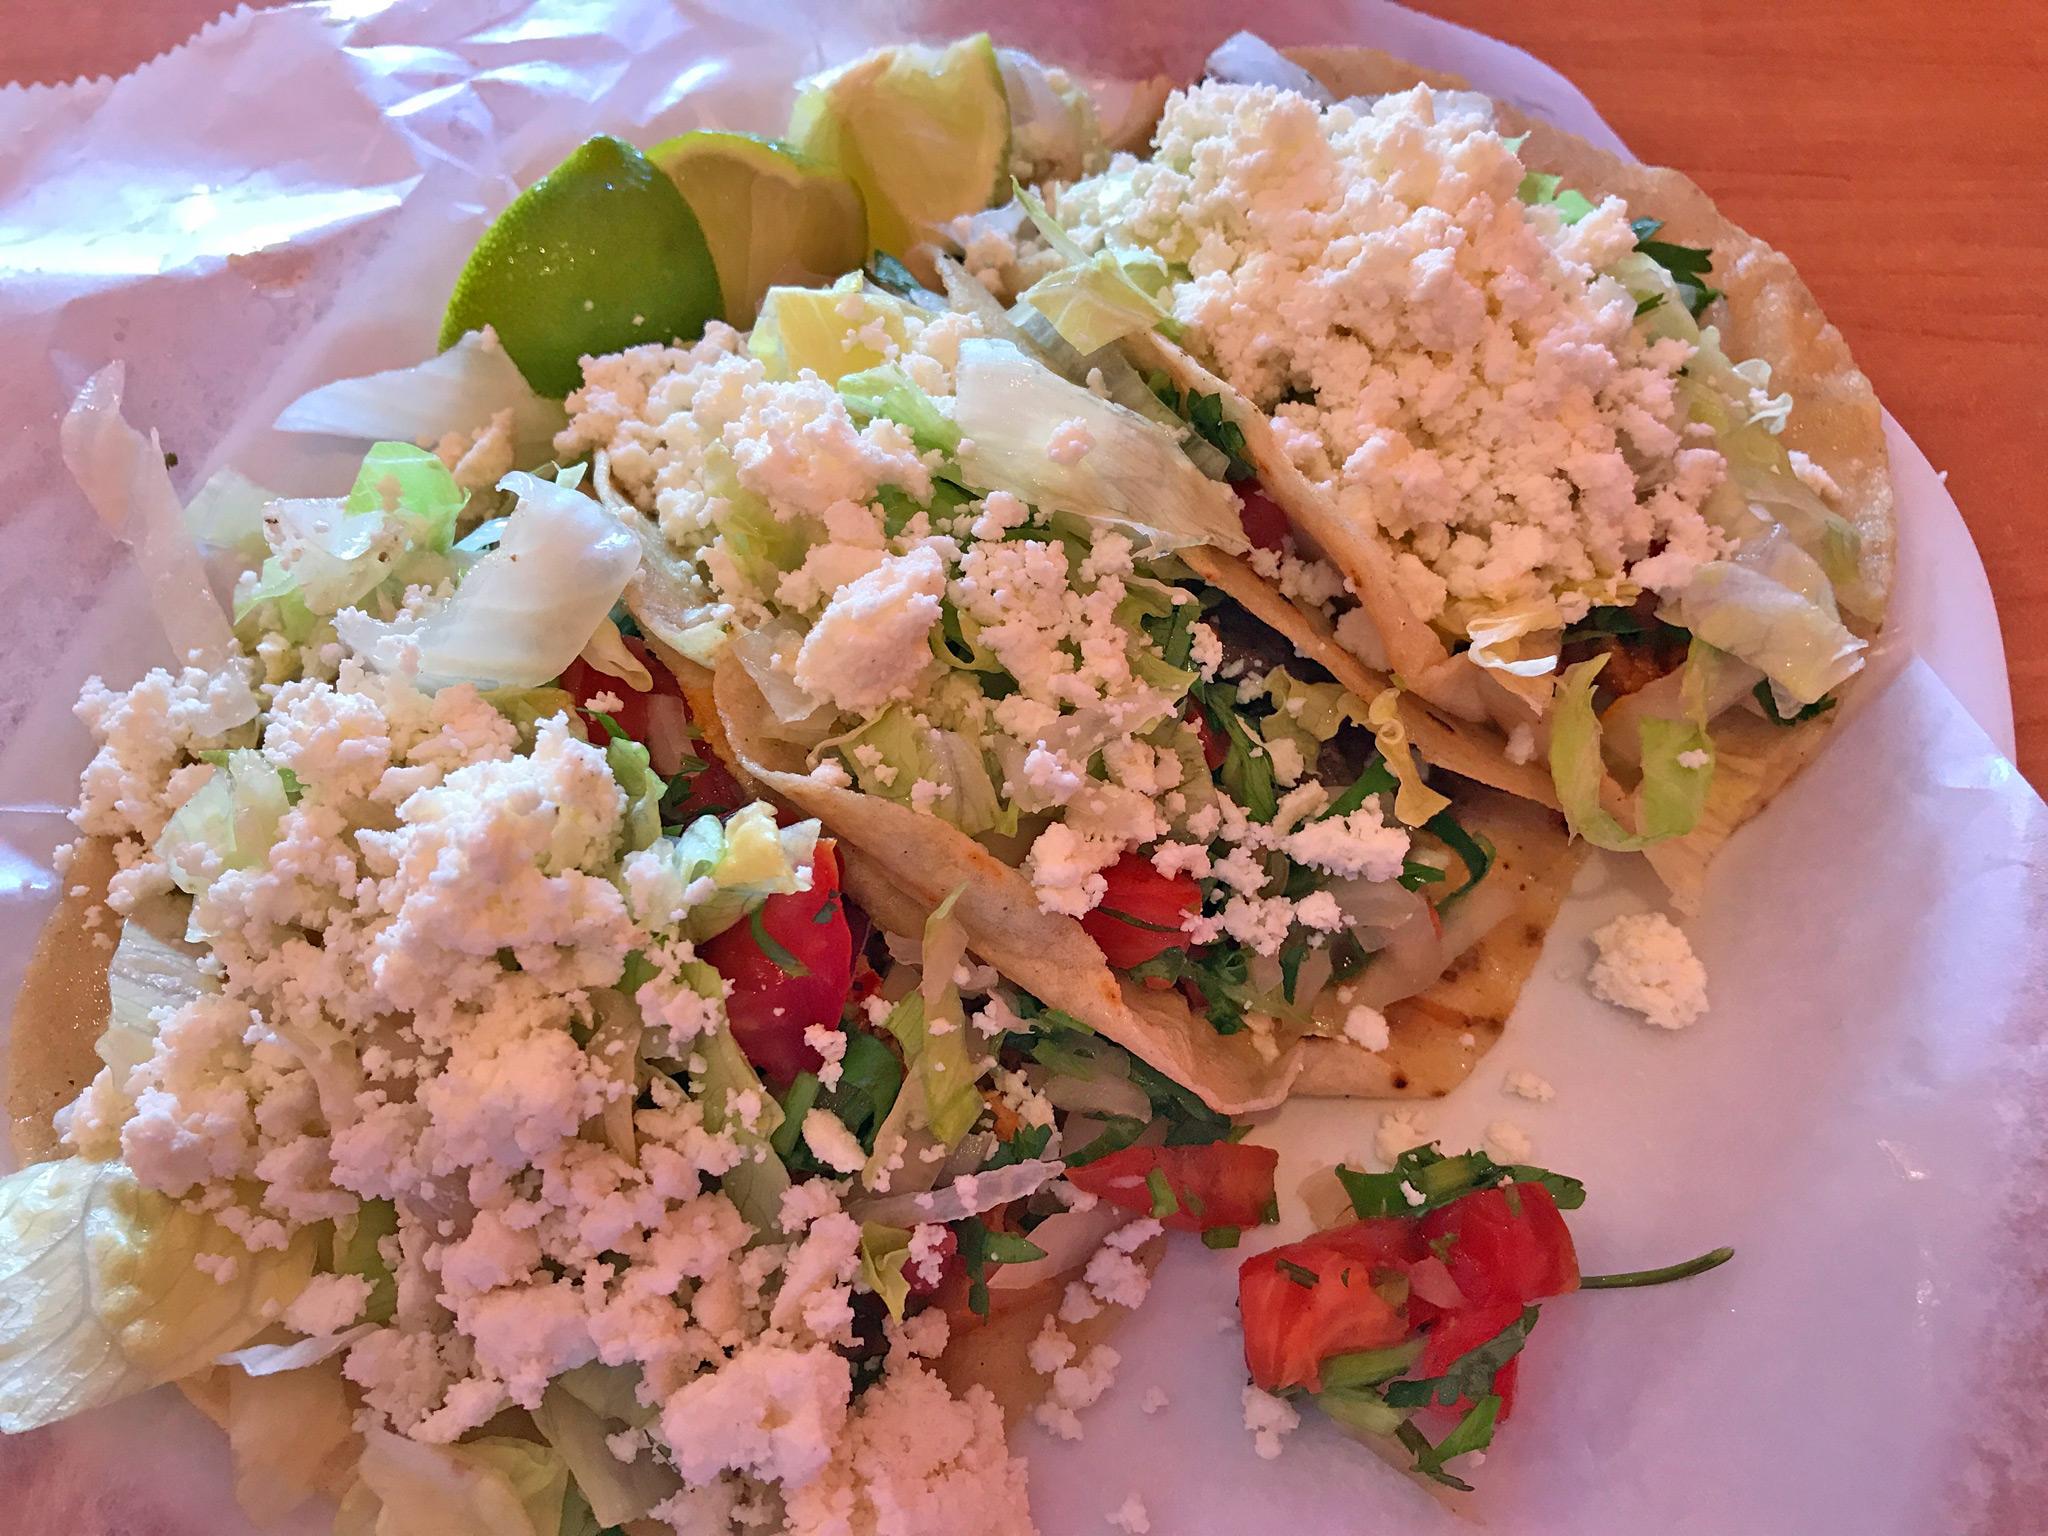 Tacos at El Huarache Veloz